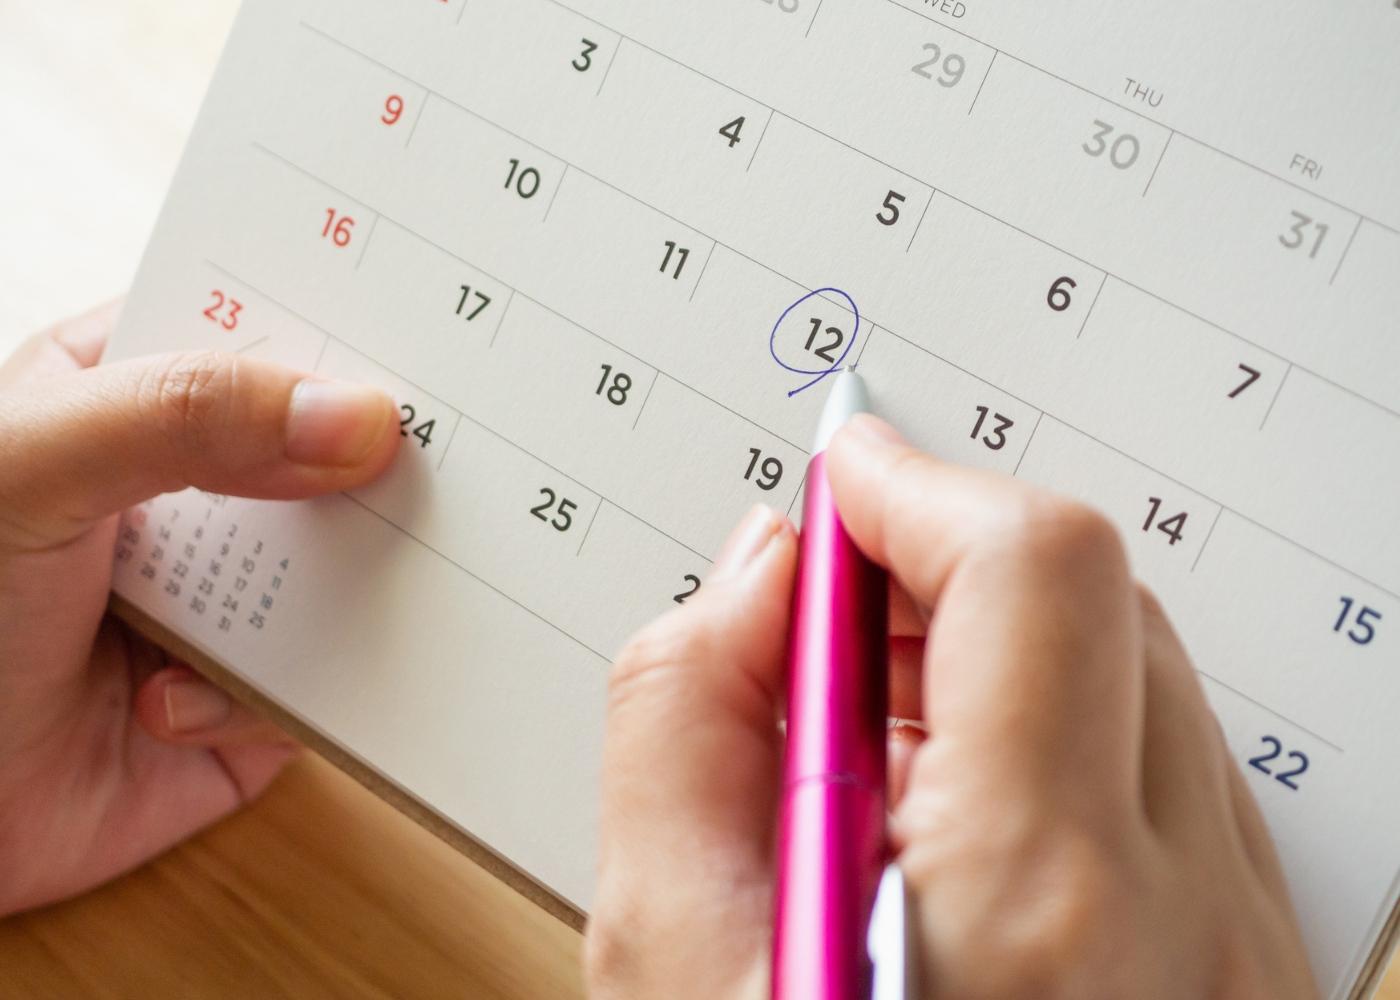 Conselhos para a ajudar a engravidar: mulher a registar o seu ciclo menstrual